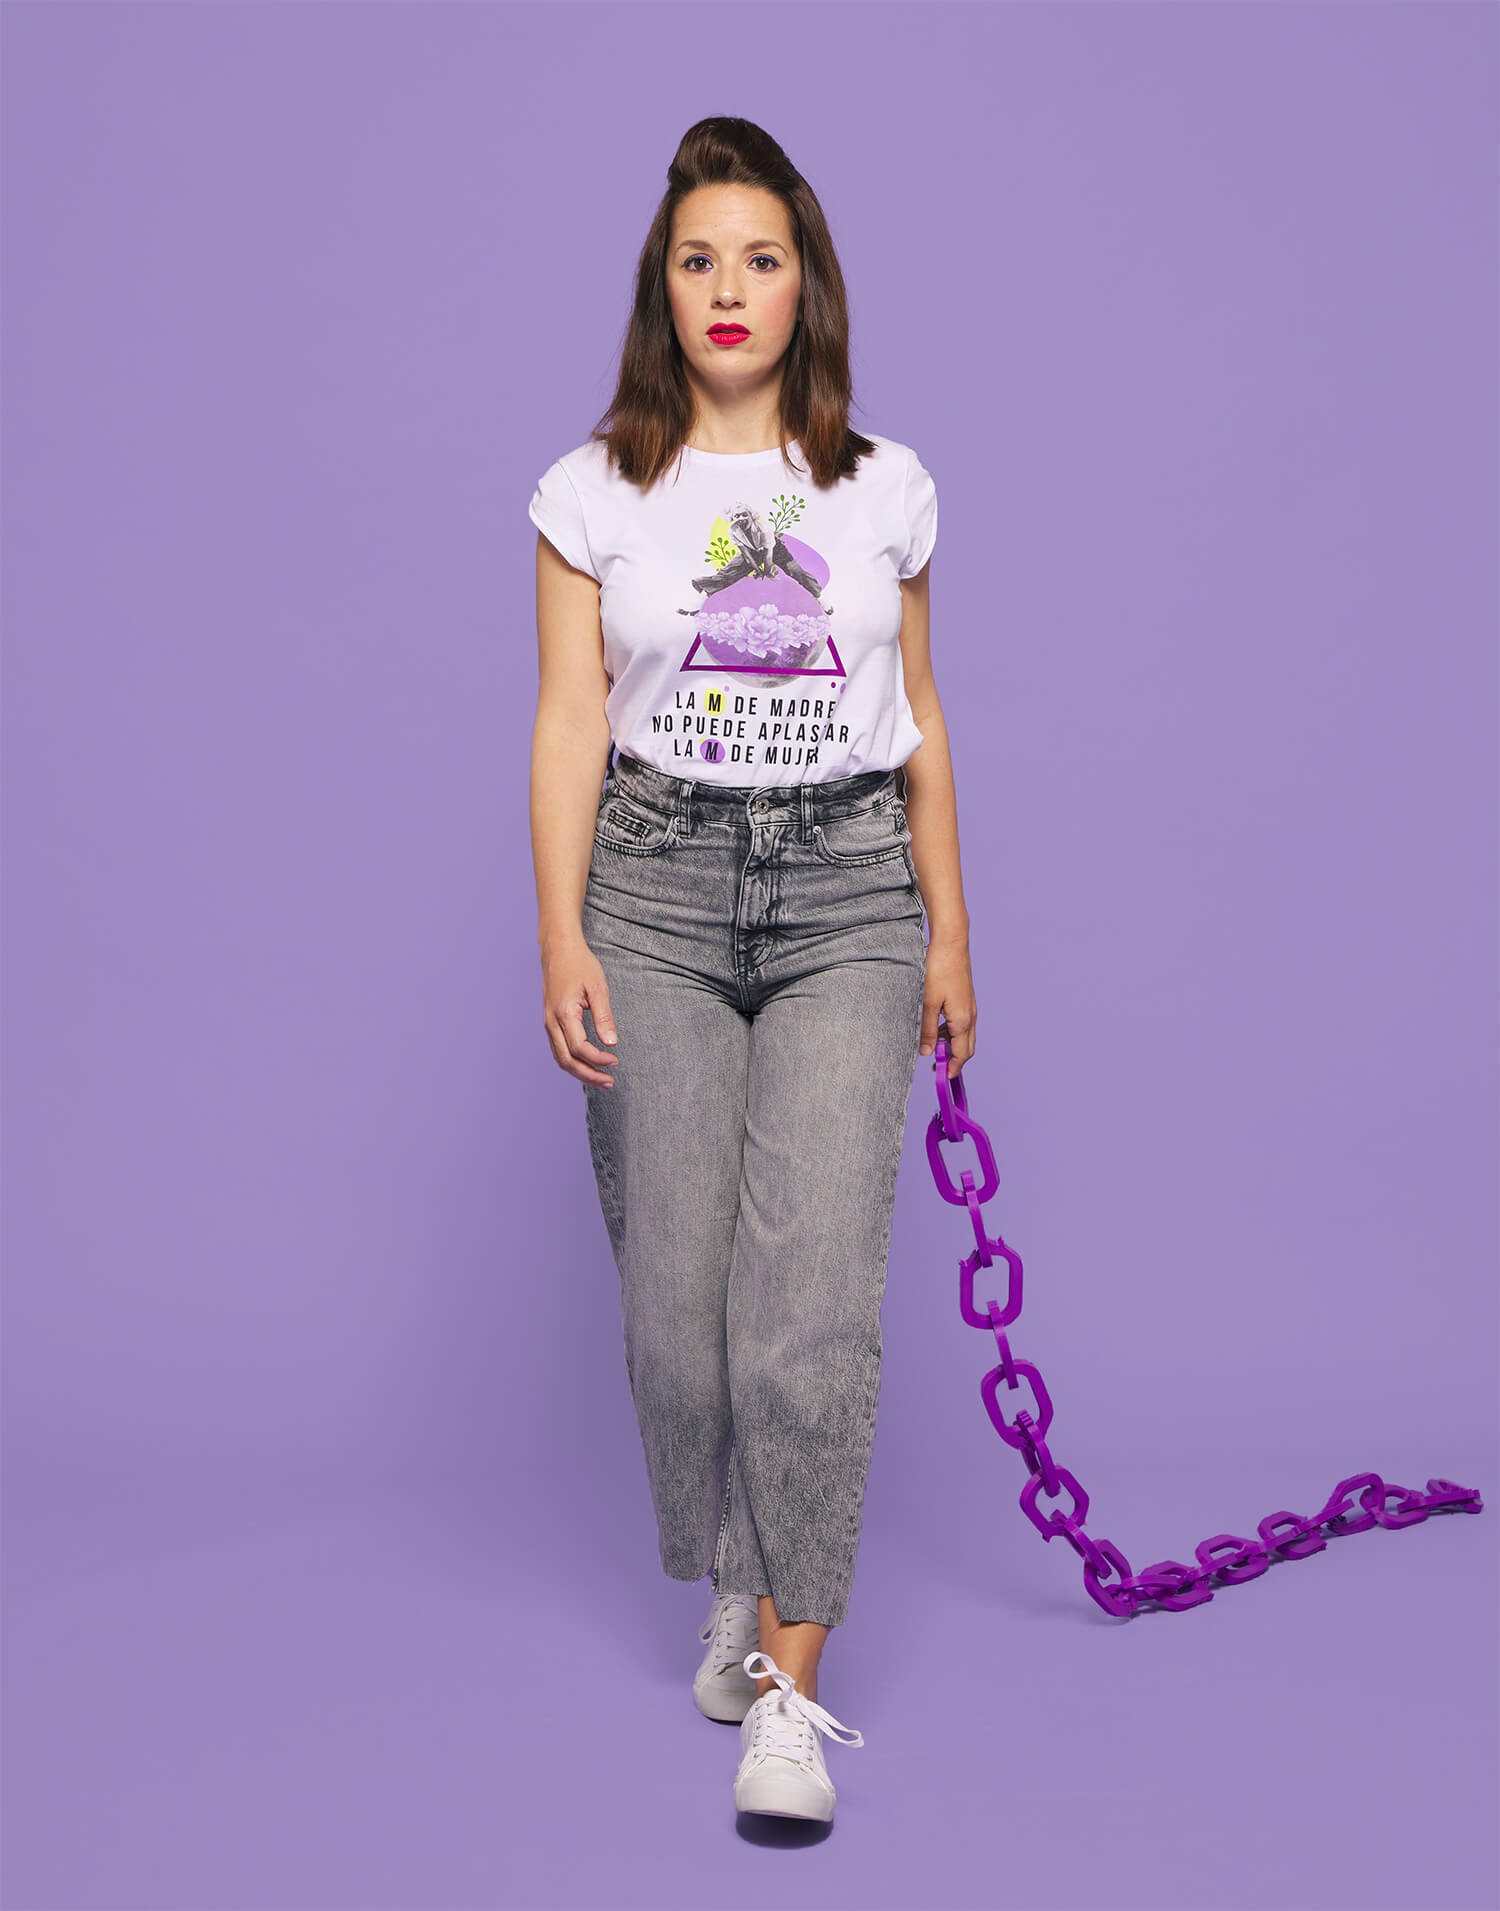 Camiseta 'M de Madre y M de Mujer'